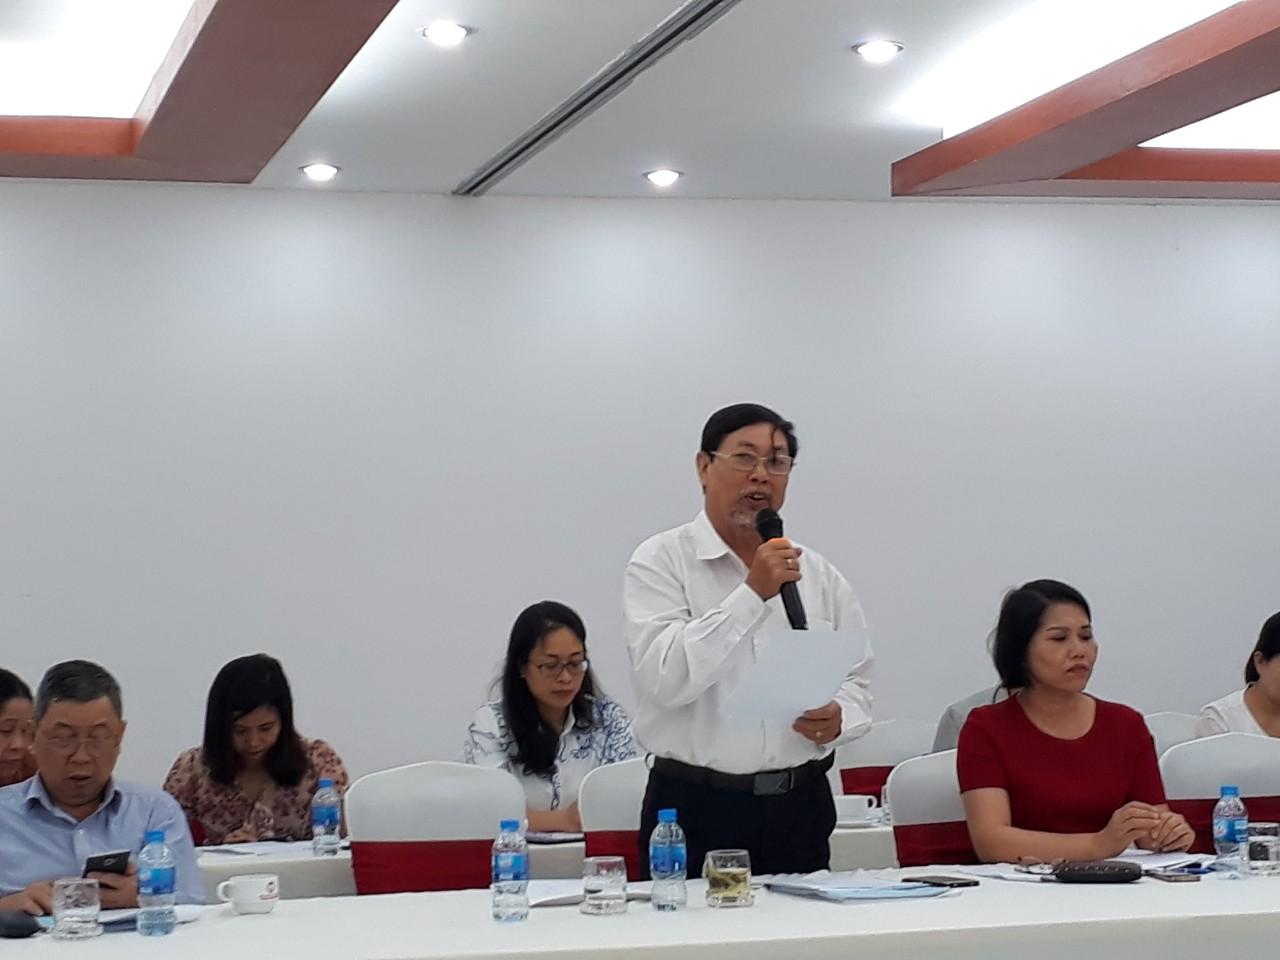 Hội thảo về Báo cáo đánh giá chính sách, pháp luật và mô hình trợ giúp pháp lý cho trẻ em - Ảnh 3